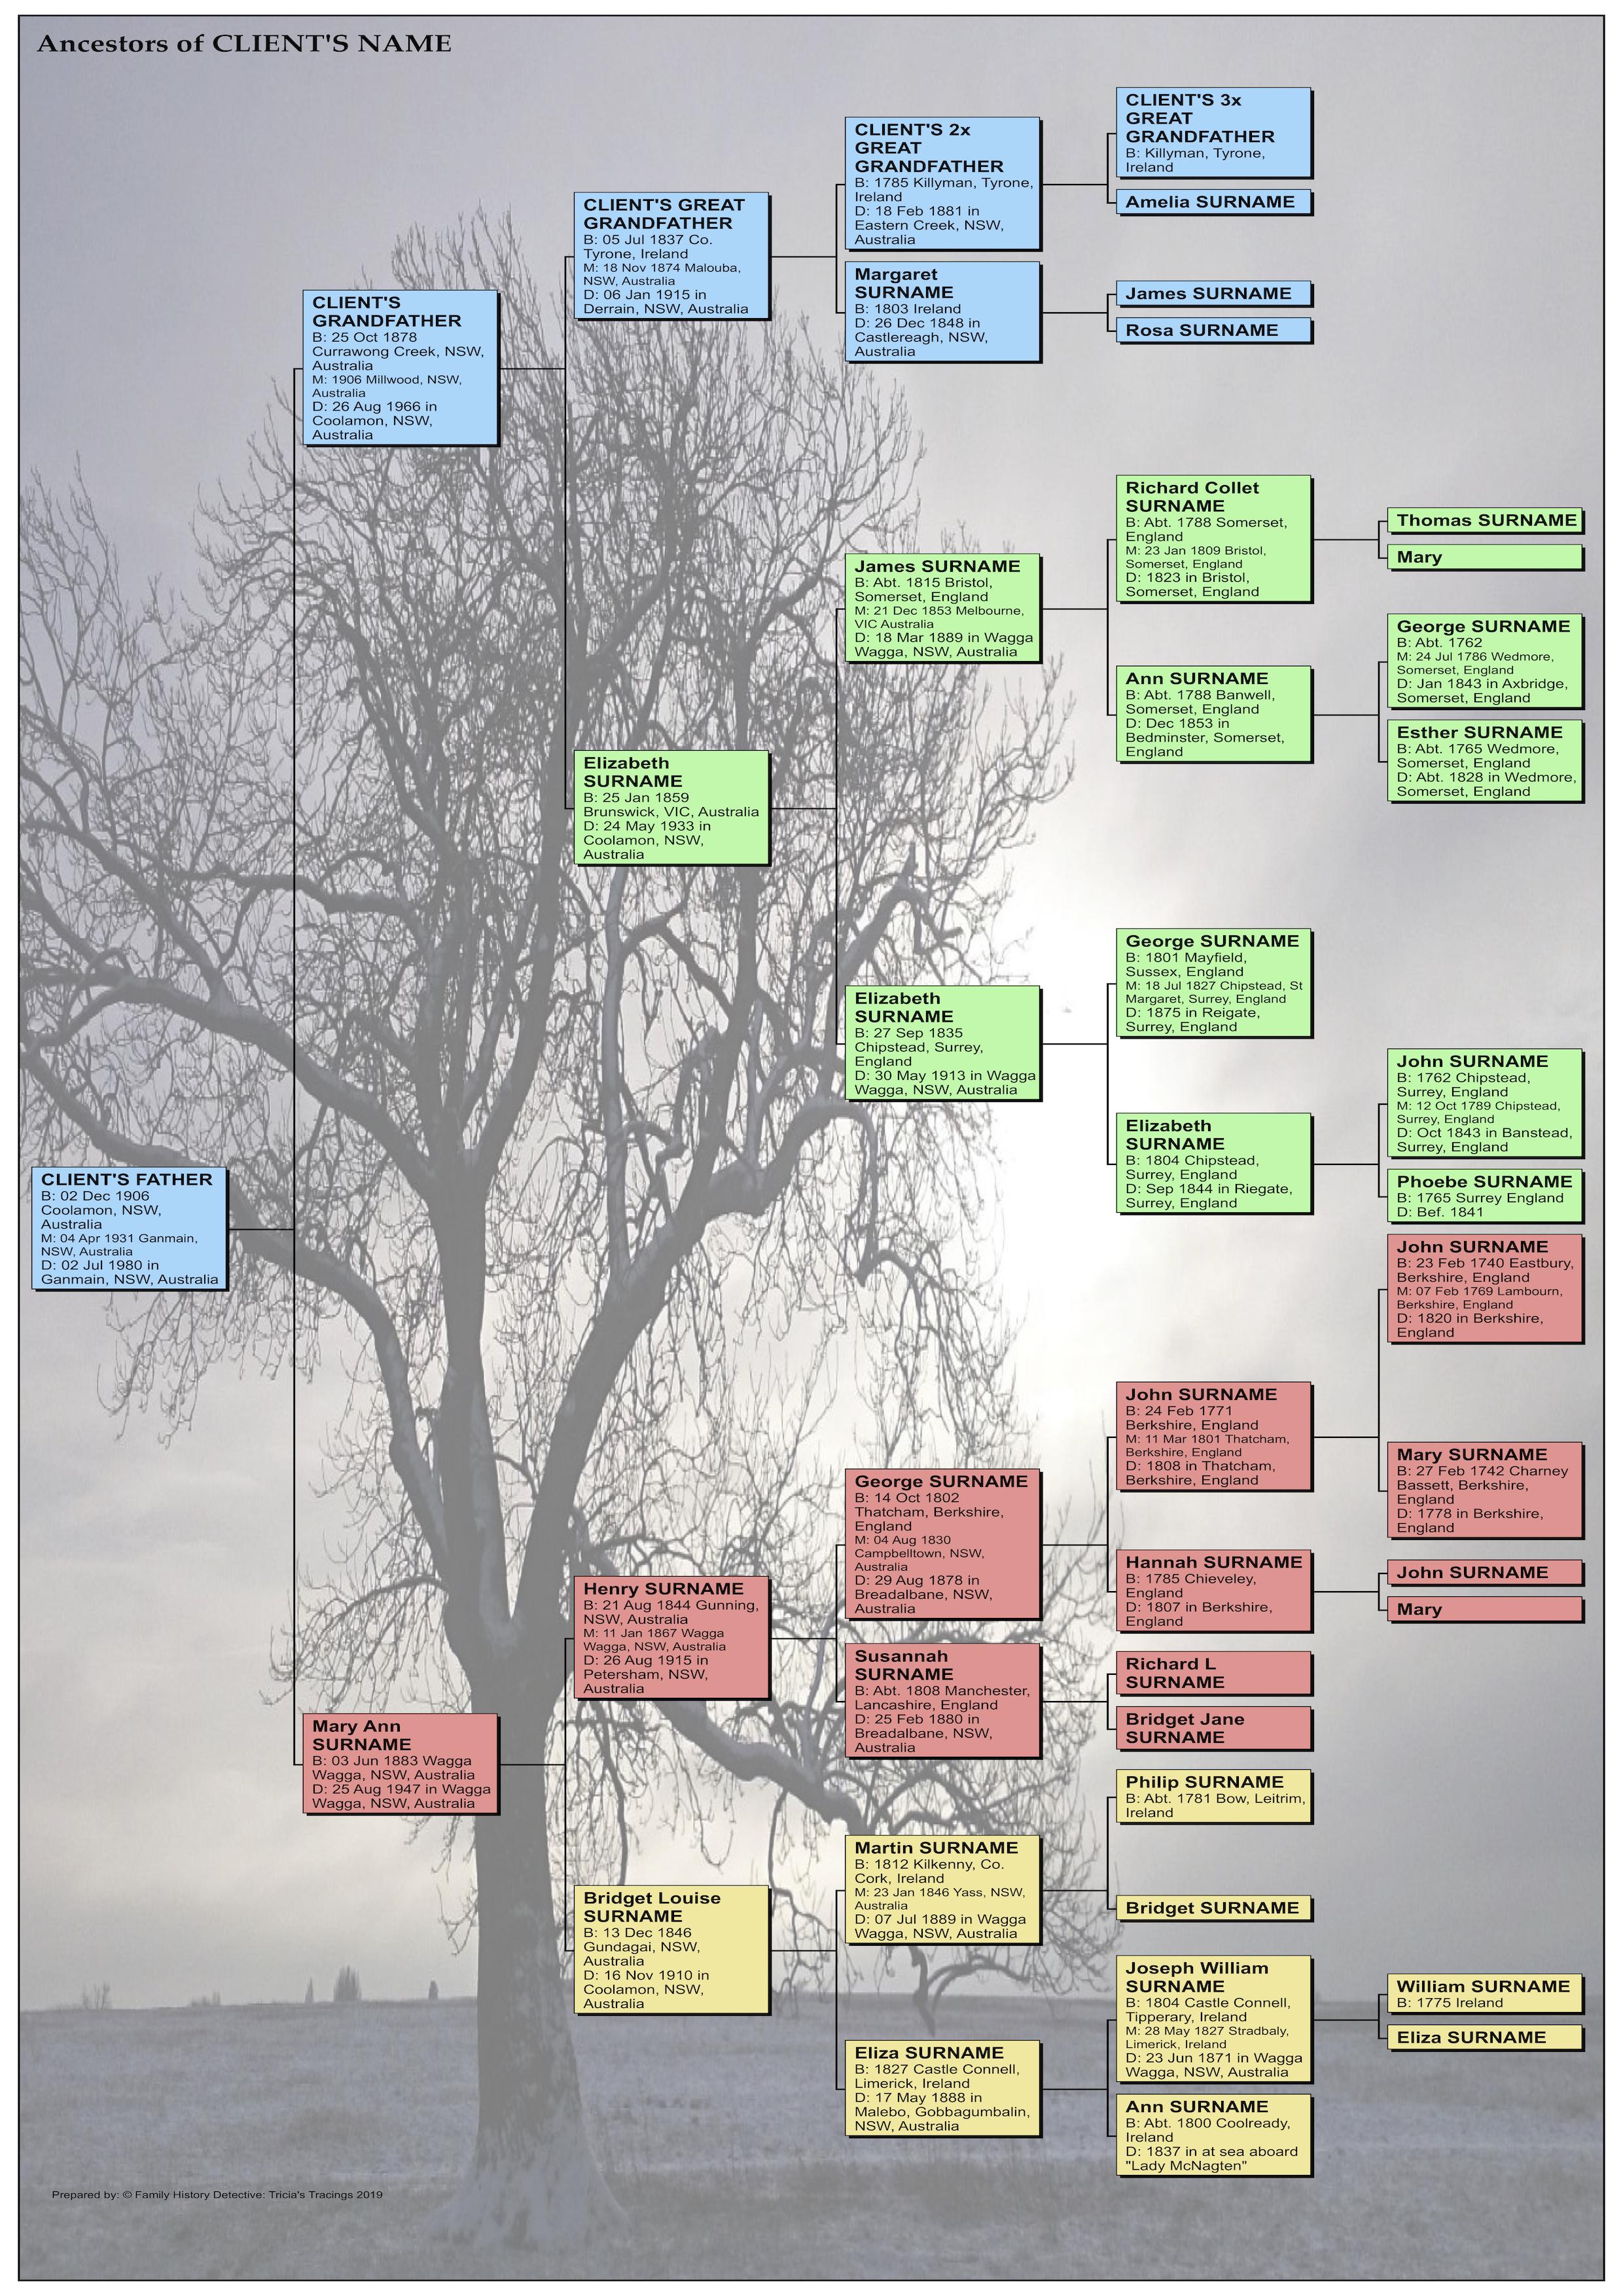 Paternal Pedigree Chart (full family)